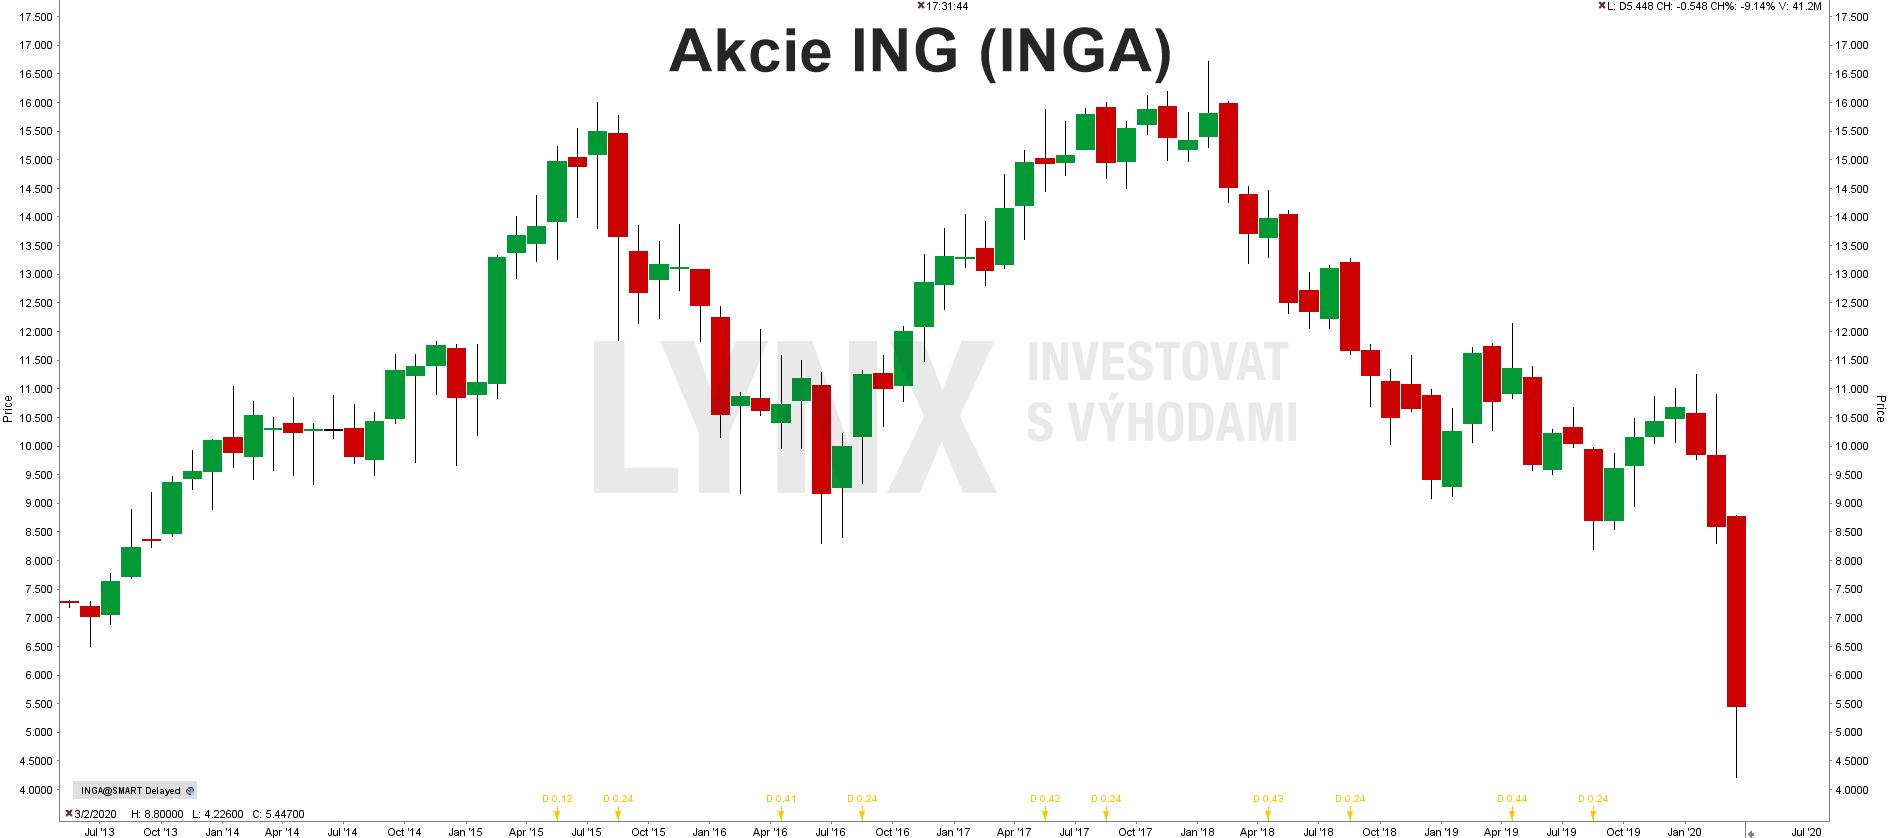 Akcie ING (INGA)